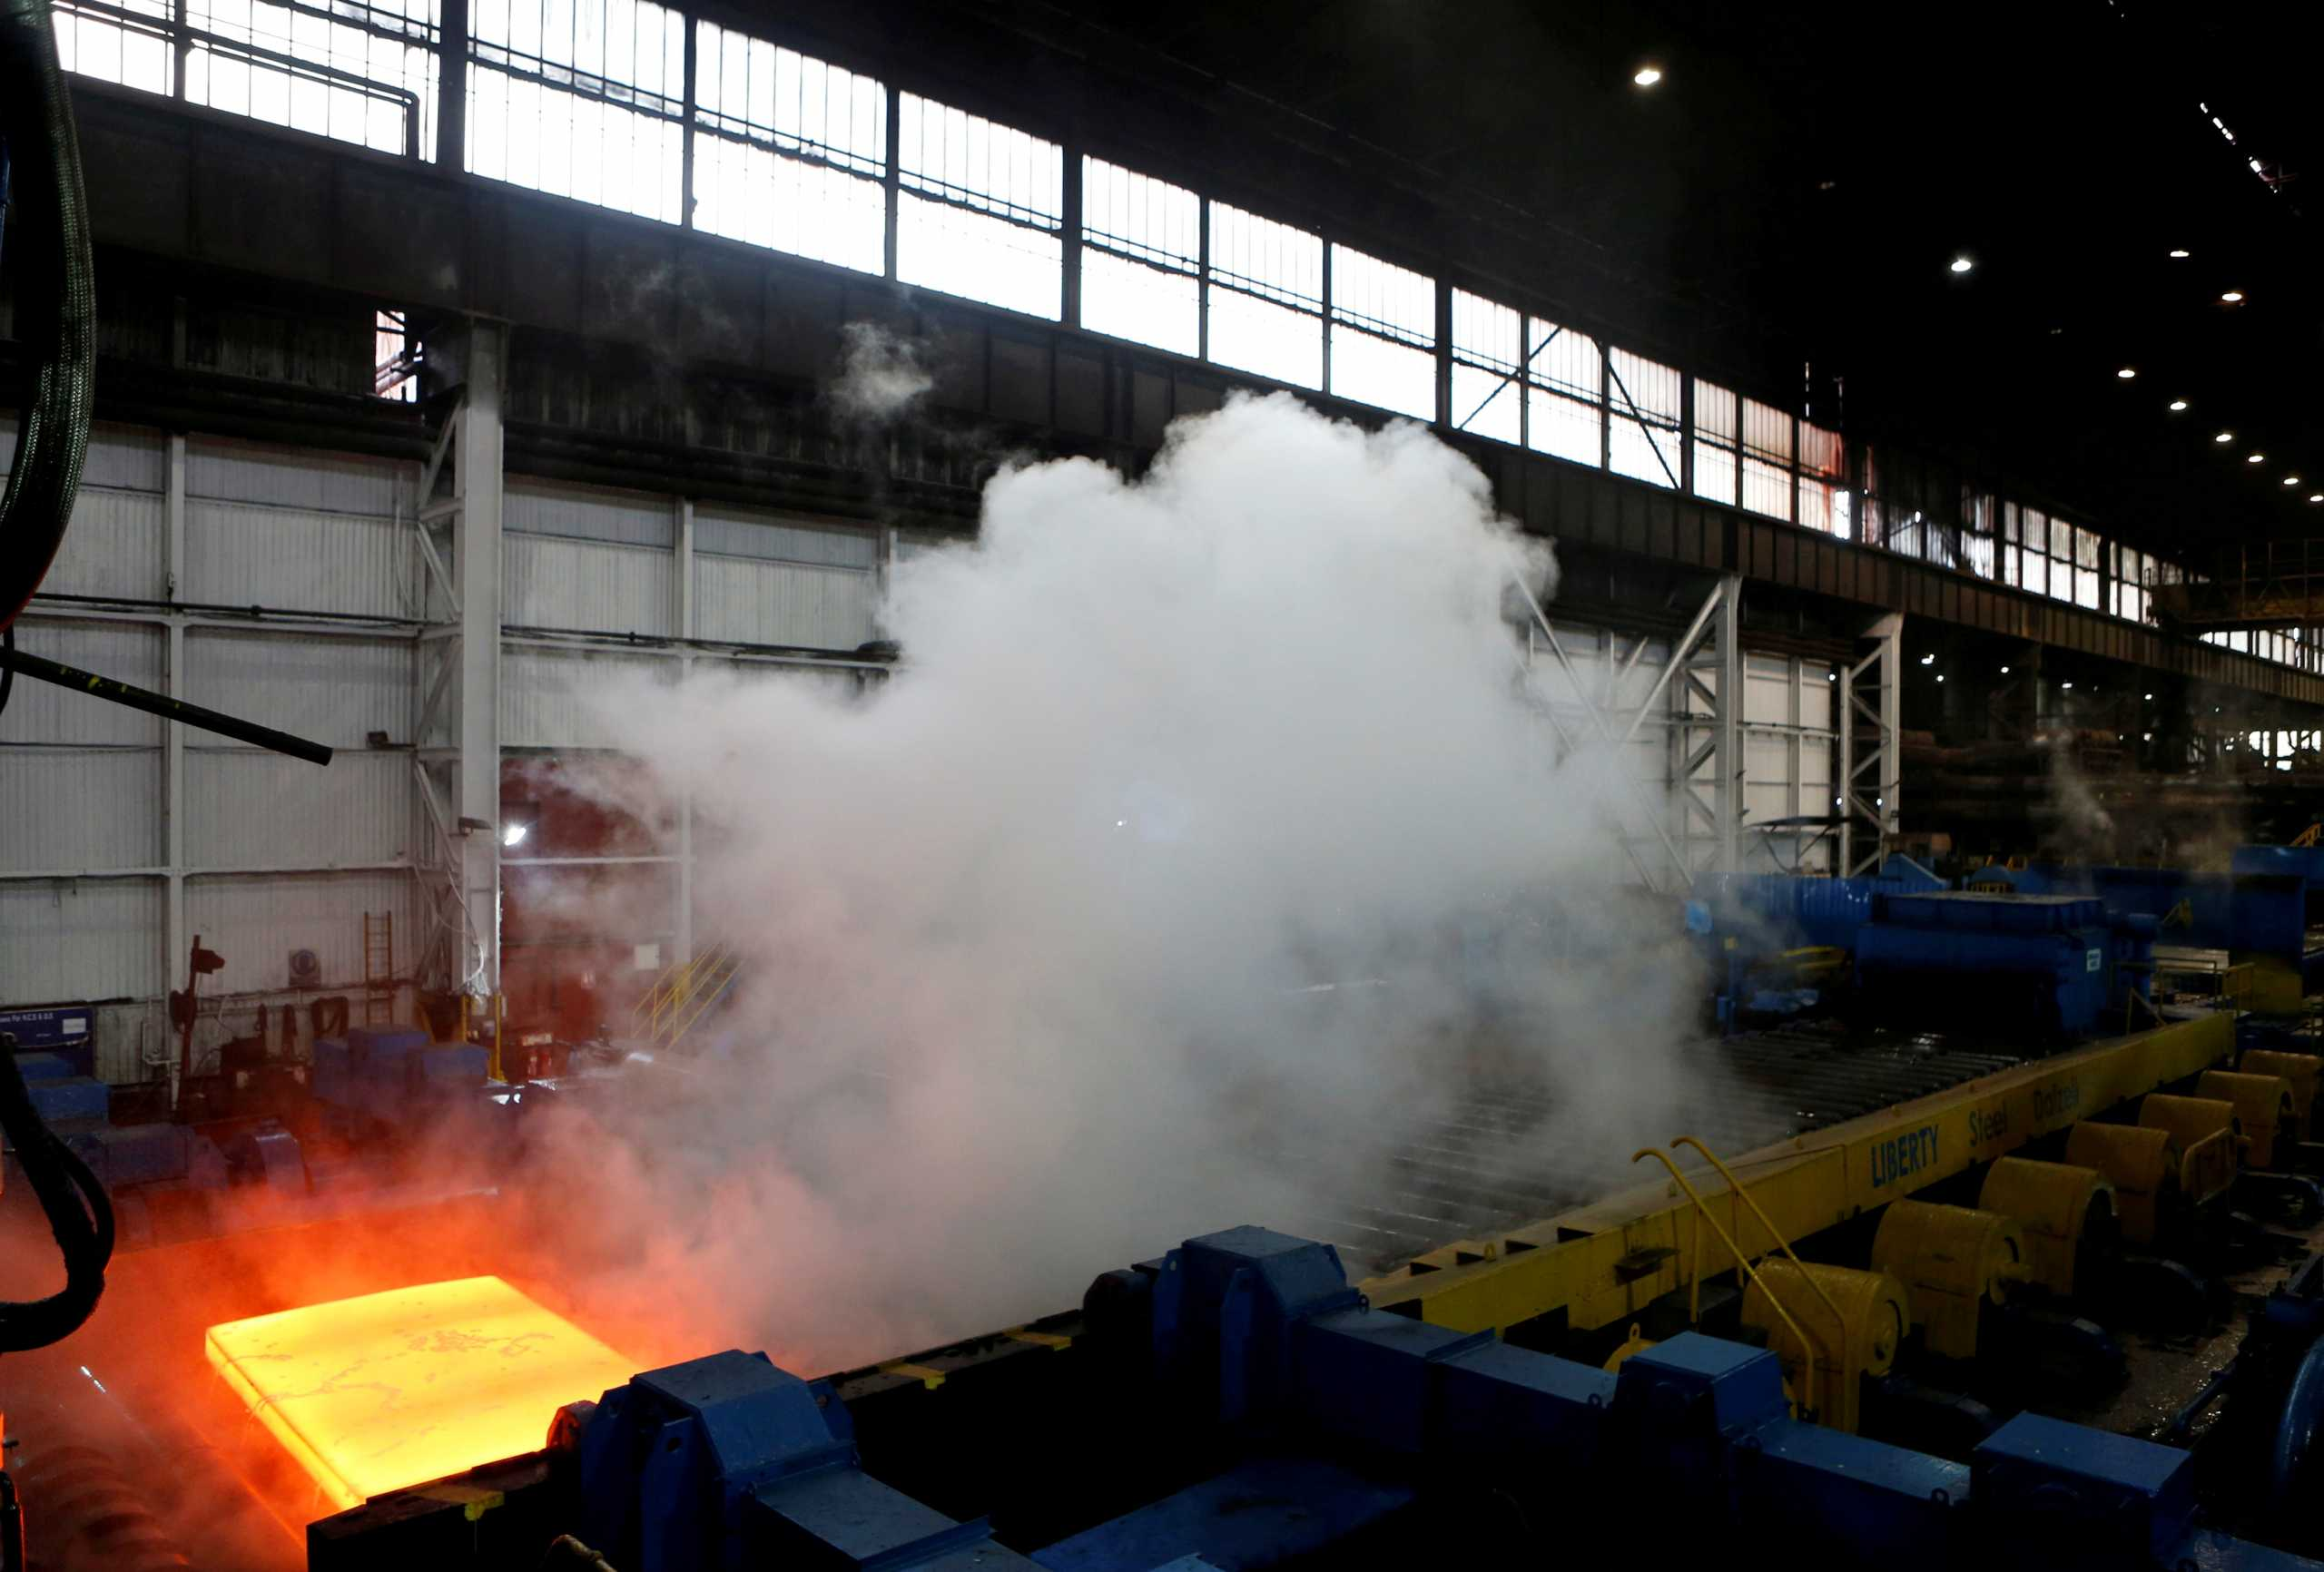 Βρετανία: Οι βιομηχανίες χάλυβα προειδοποιούν για κρίση, κλείσιμο εργοστασίων και χάος στον εφοδιασμό